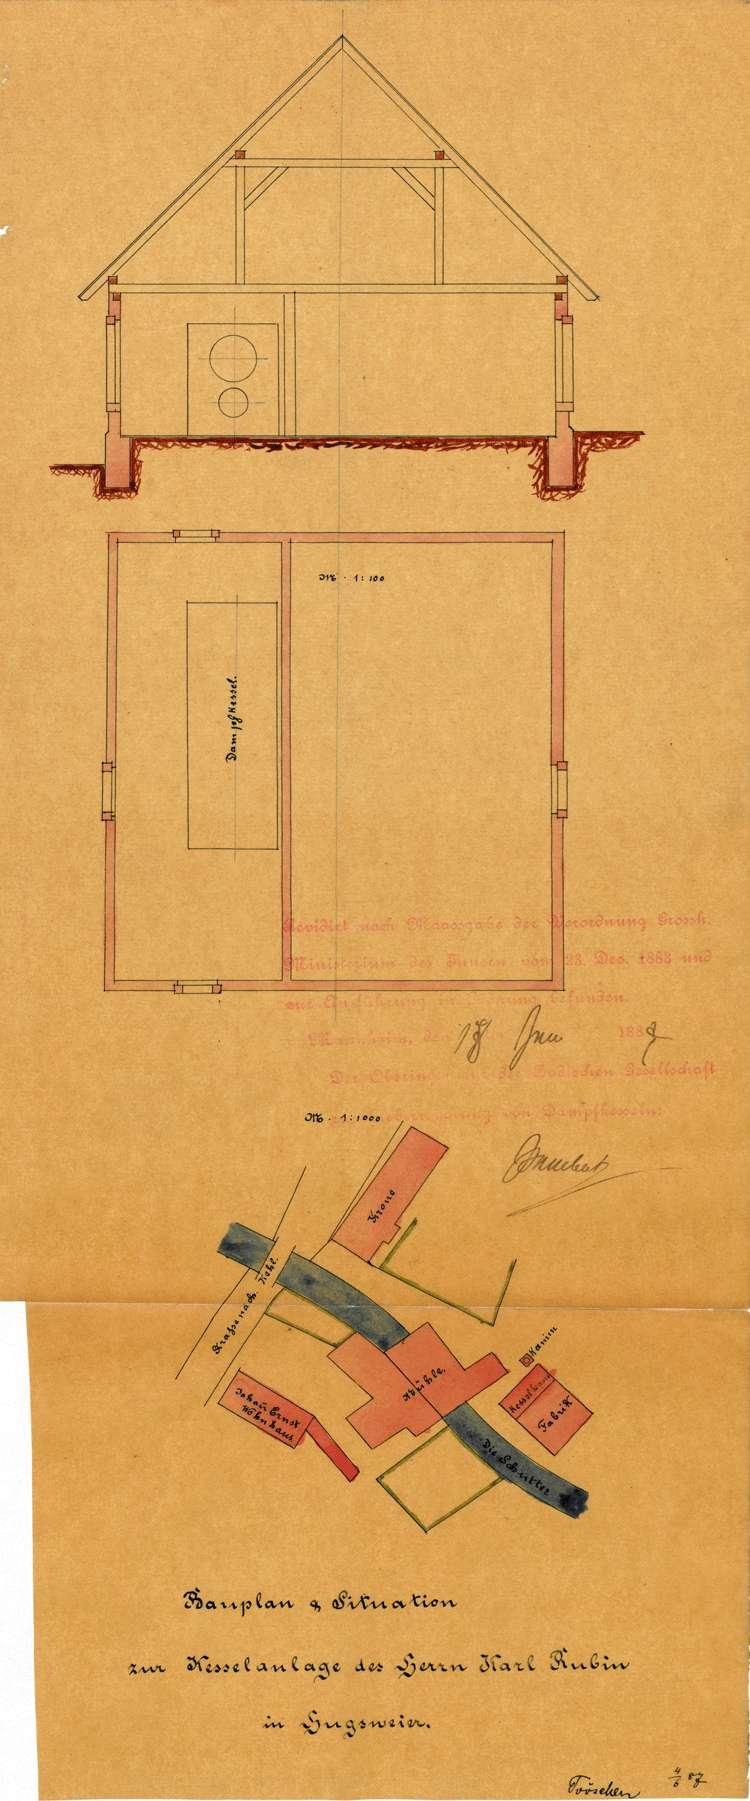 Gesuch des Karl Rubin in Hugsweier um Genehmigung zur Errichtung eines Dampfkessels, Bild 2